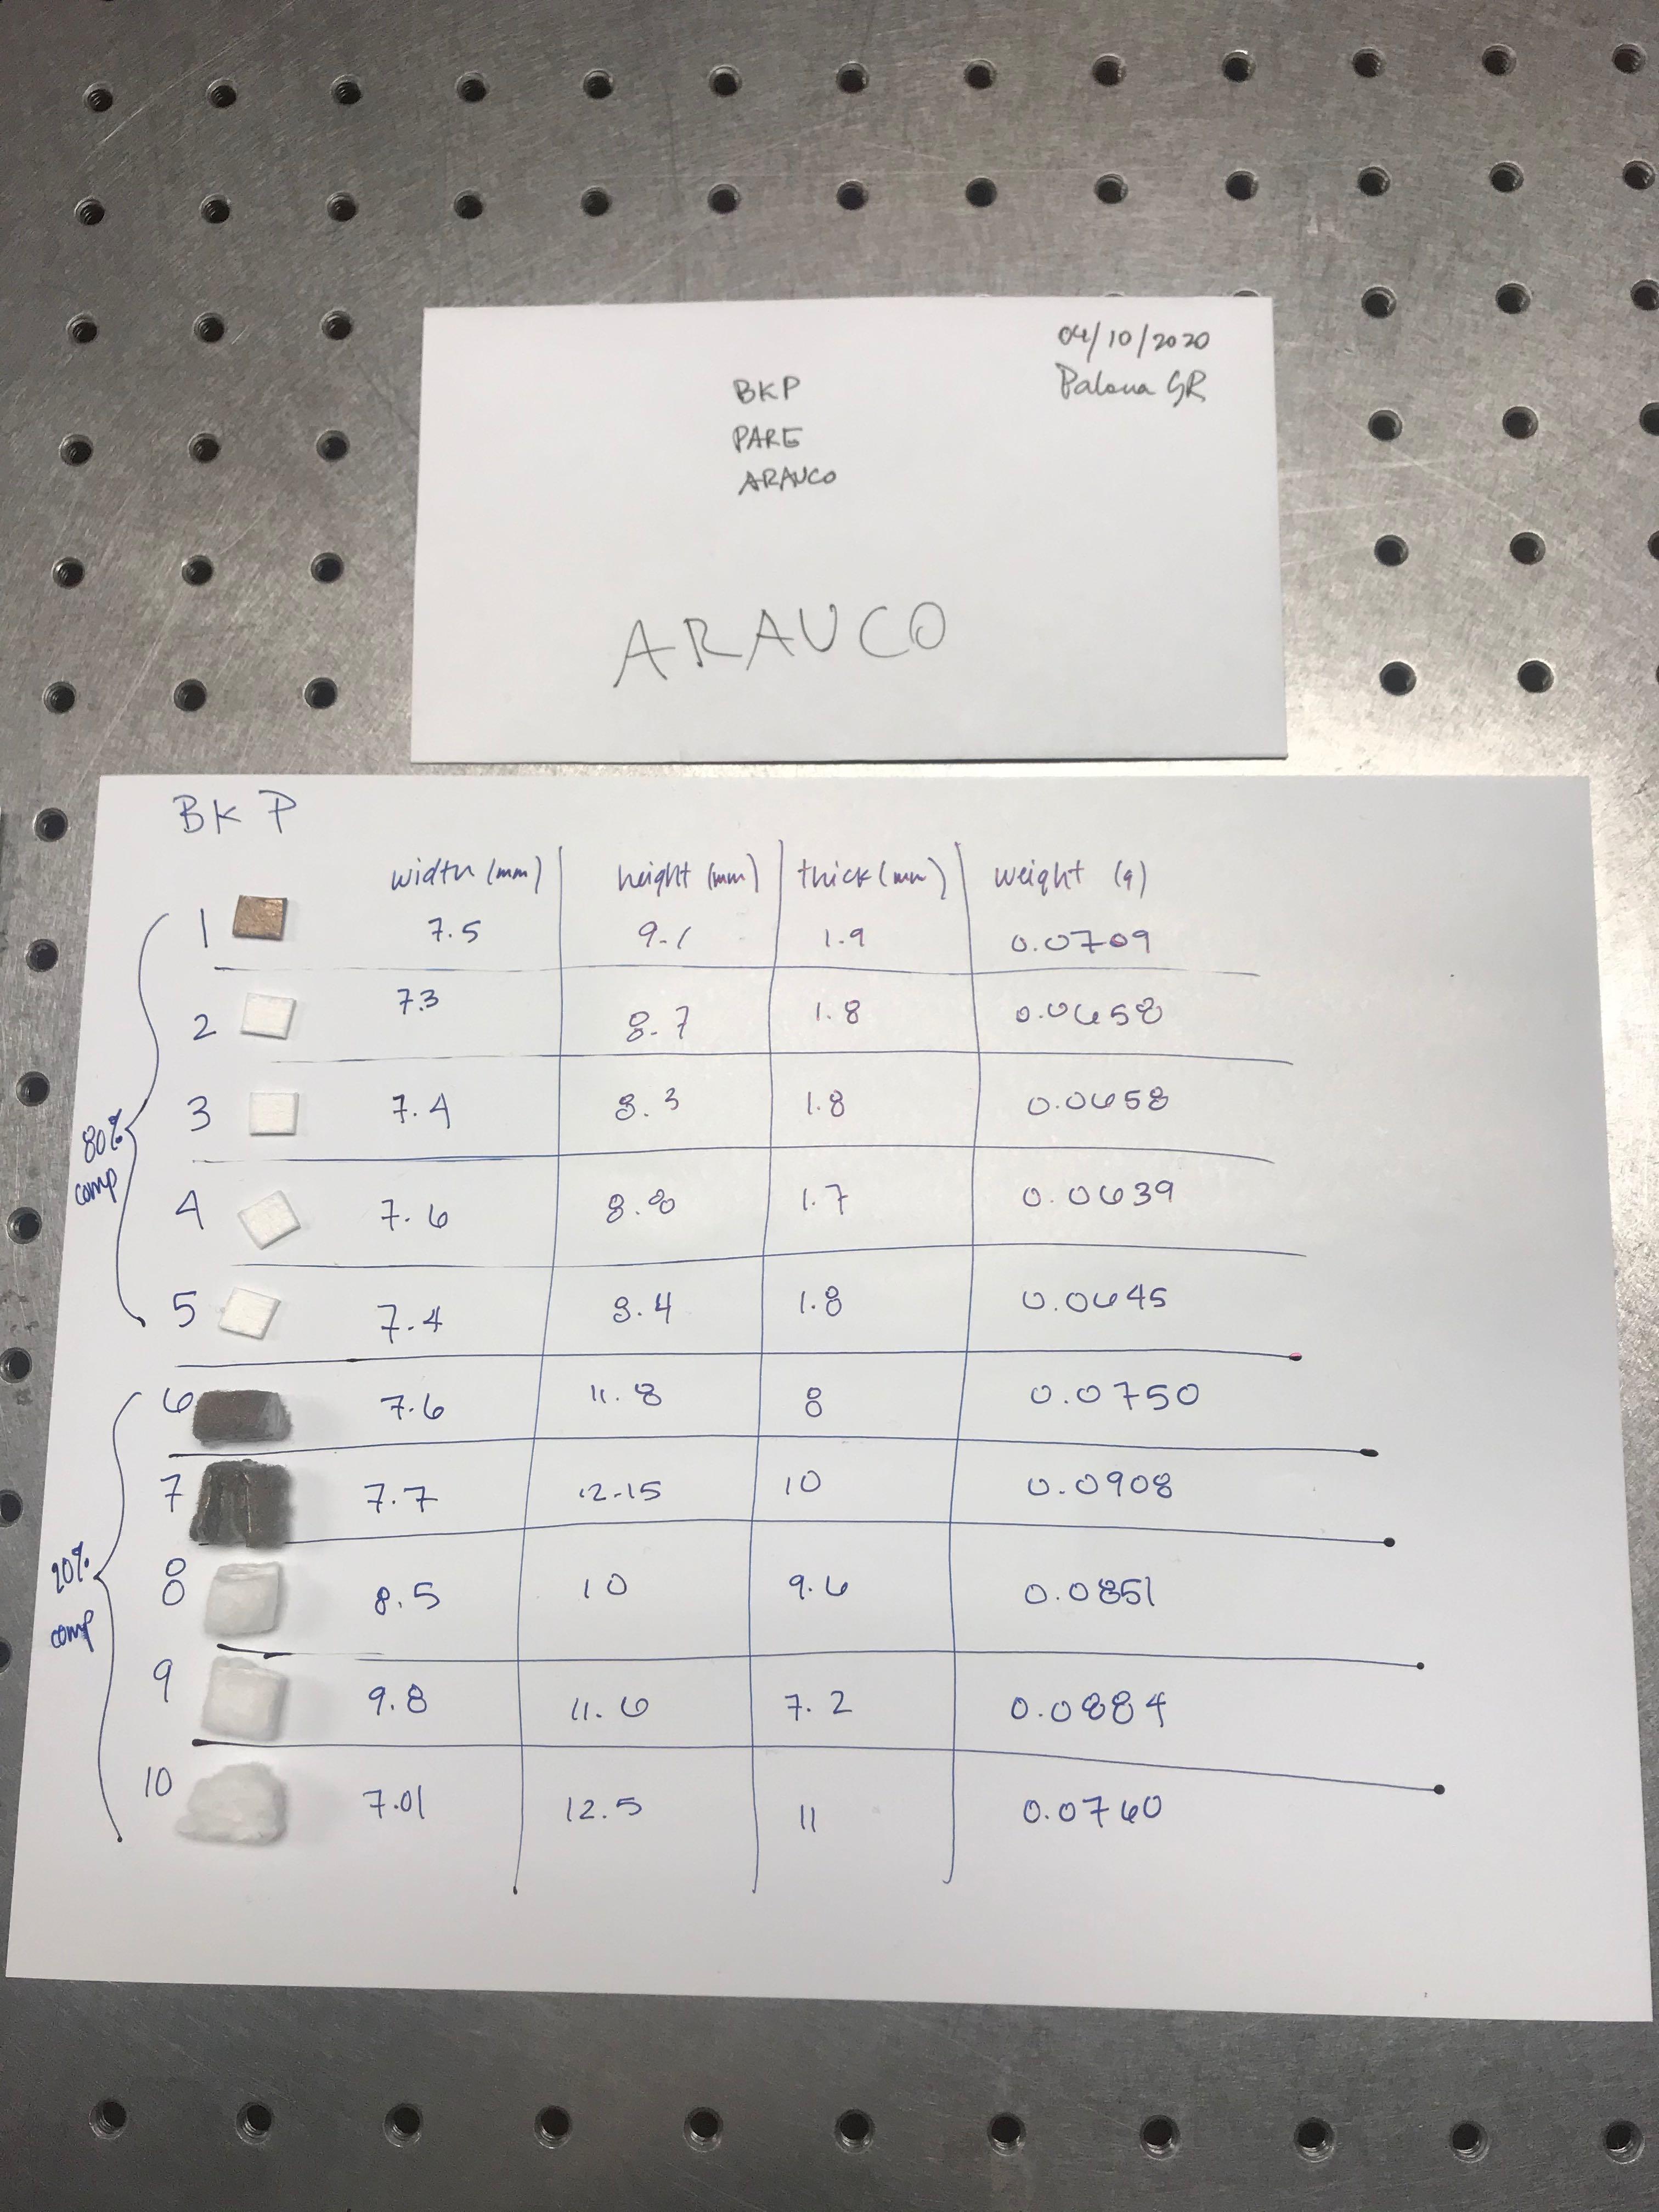 Arauco/BKP/bkp_measured.jpg